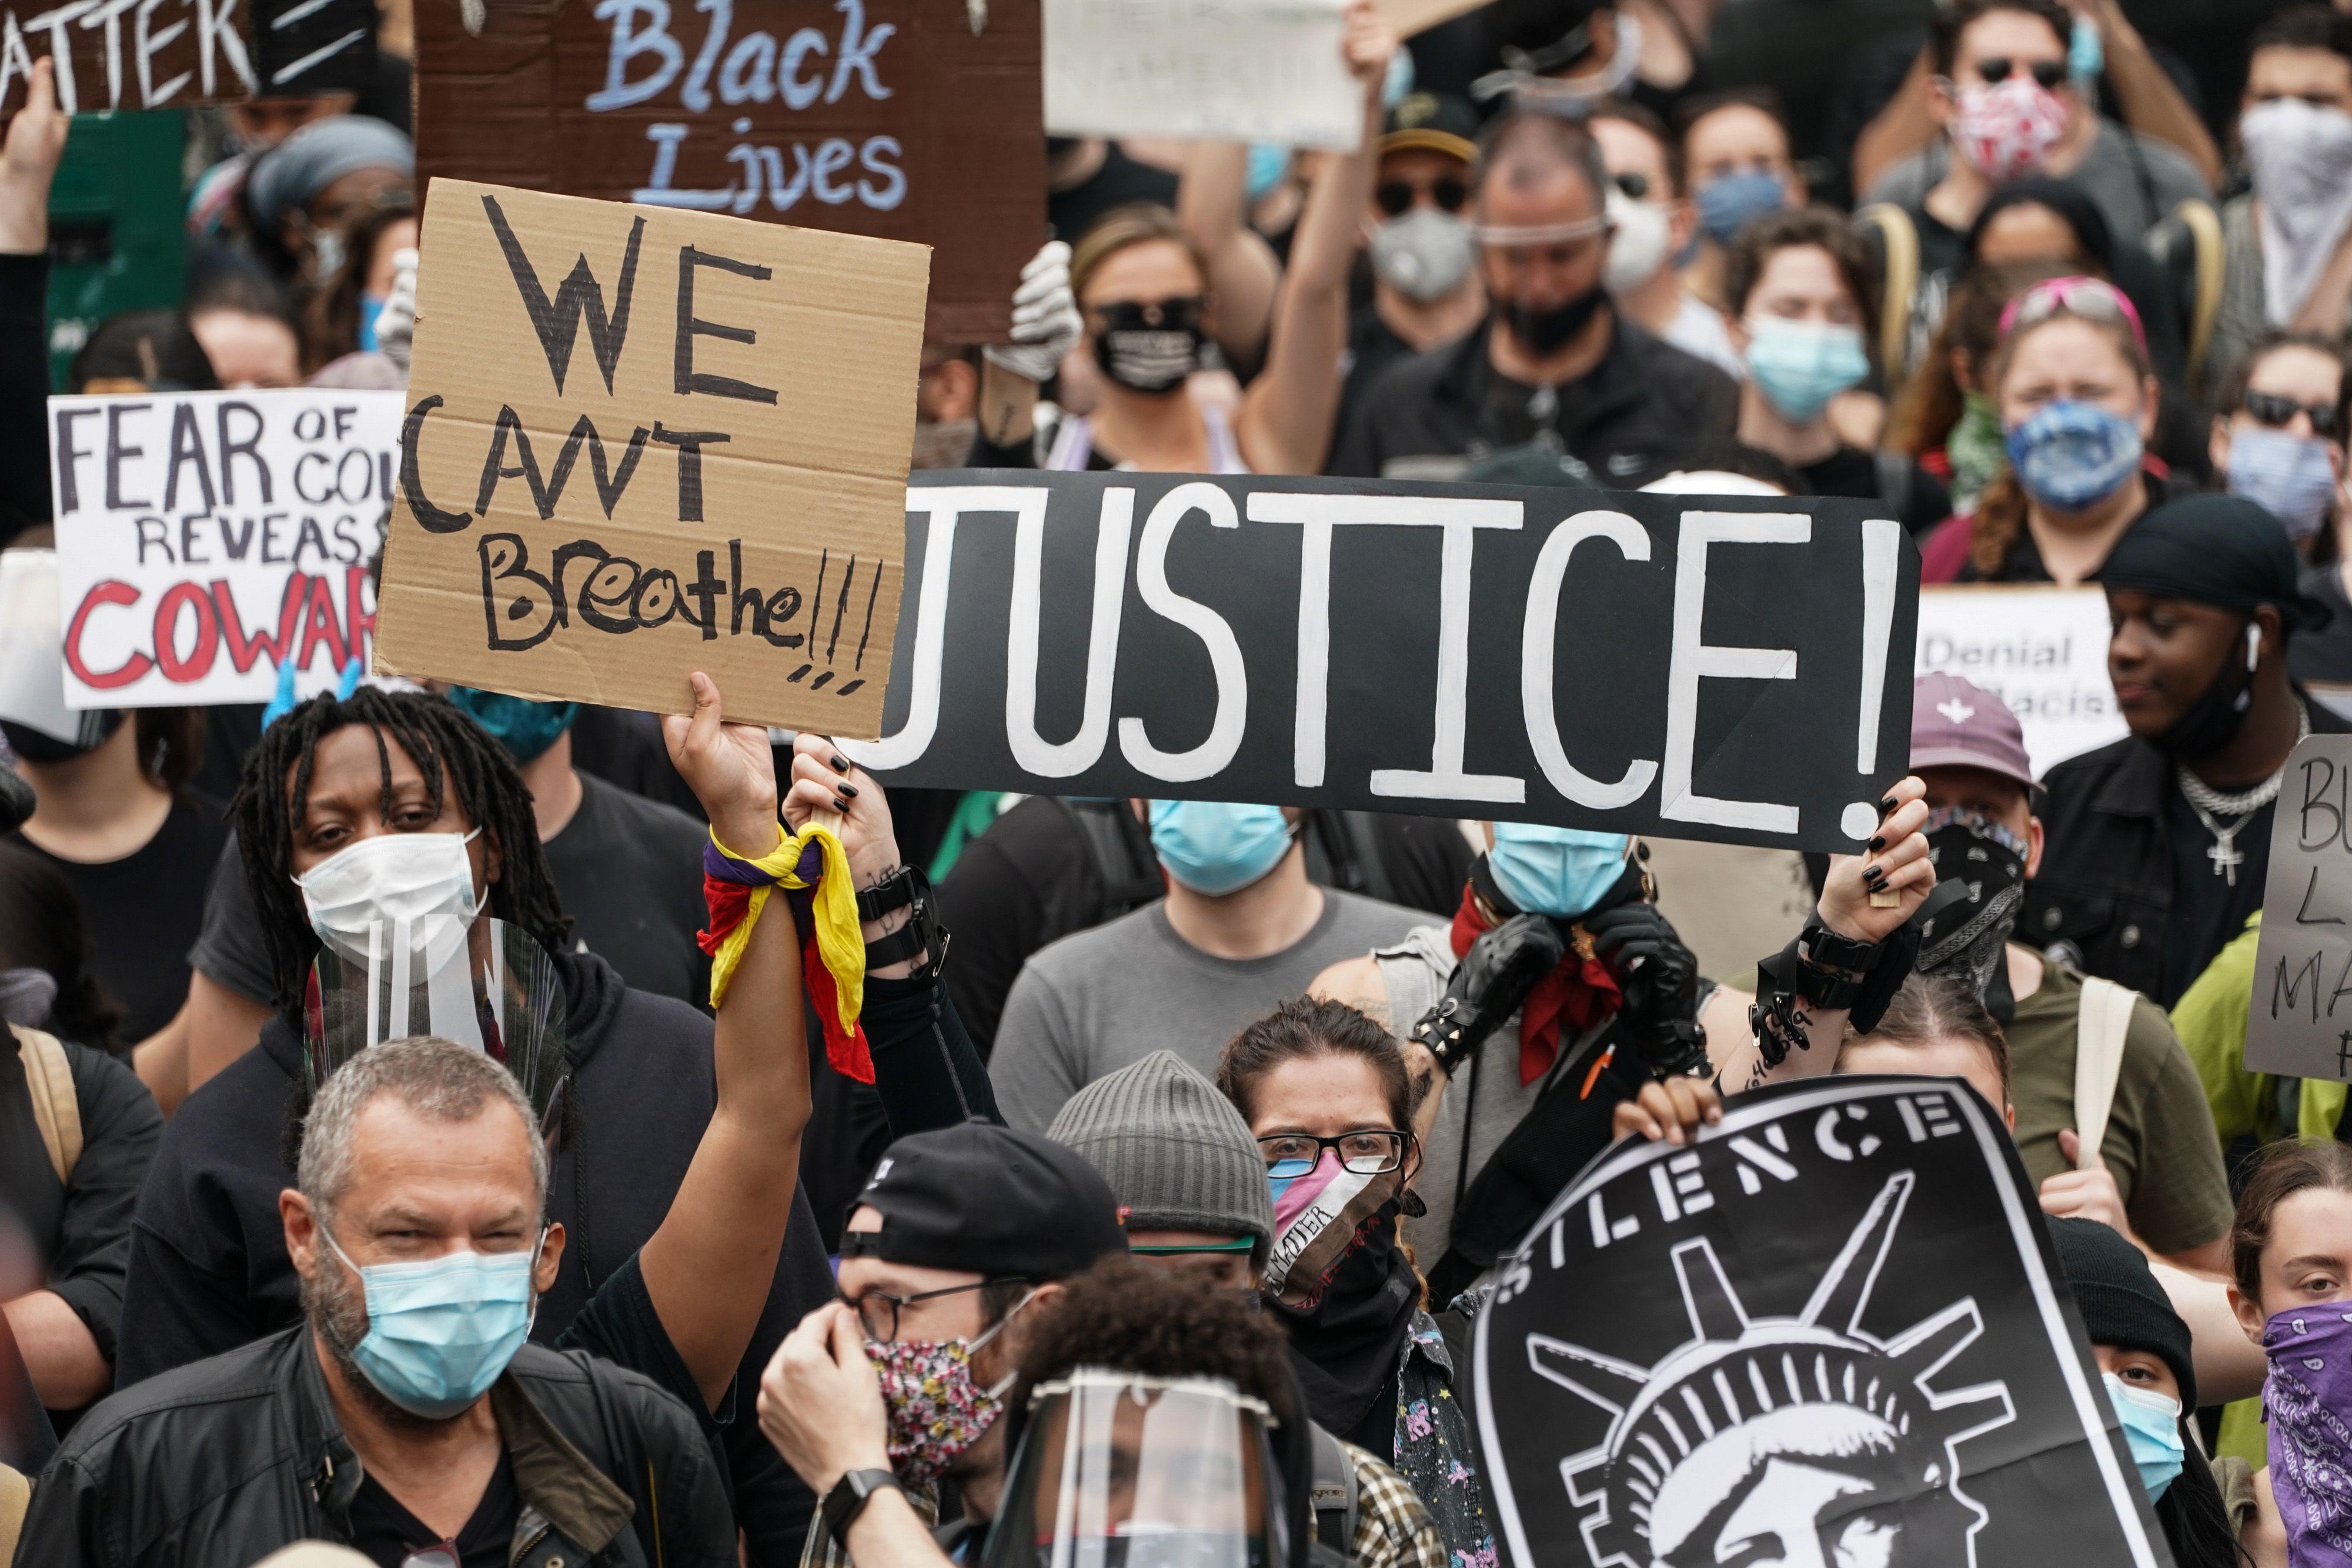 Manifestation contre les violences policières aux Etats-Unis, le 3 juin 2020.